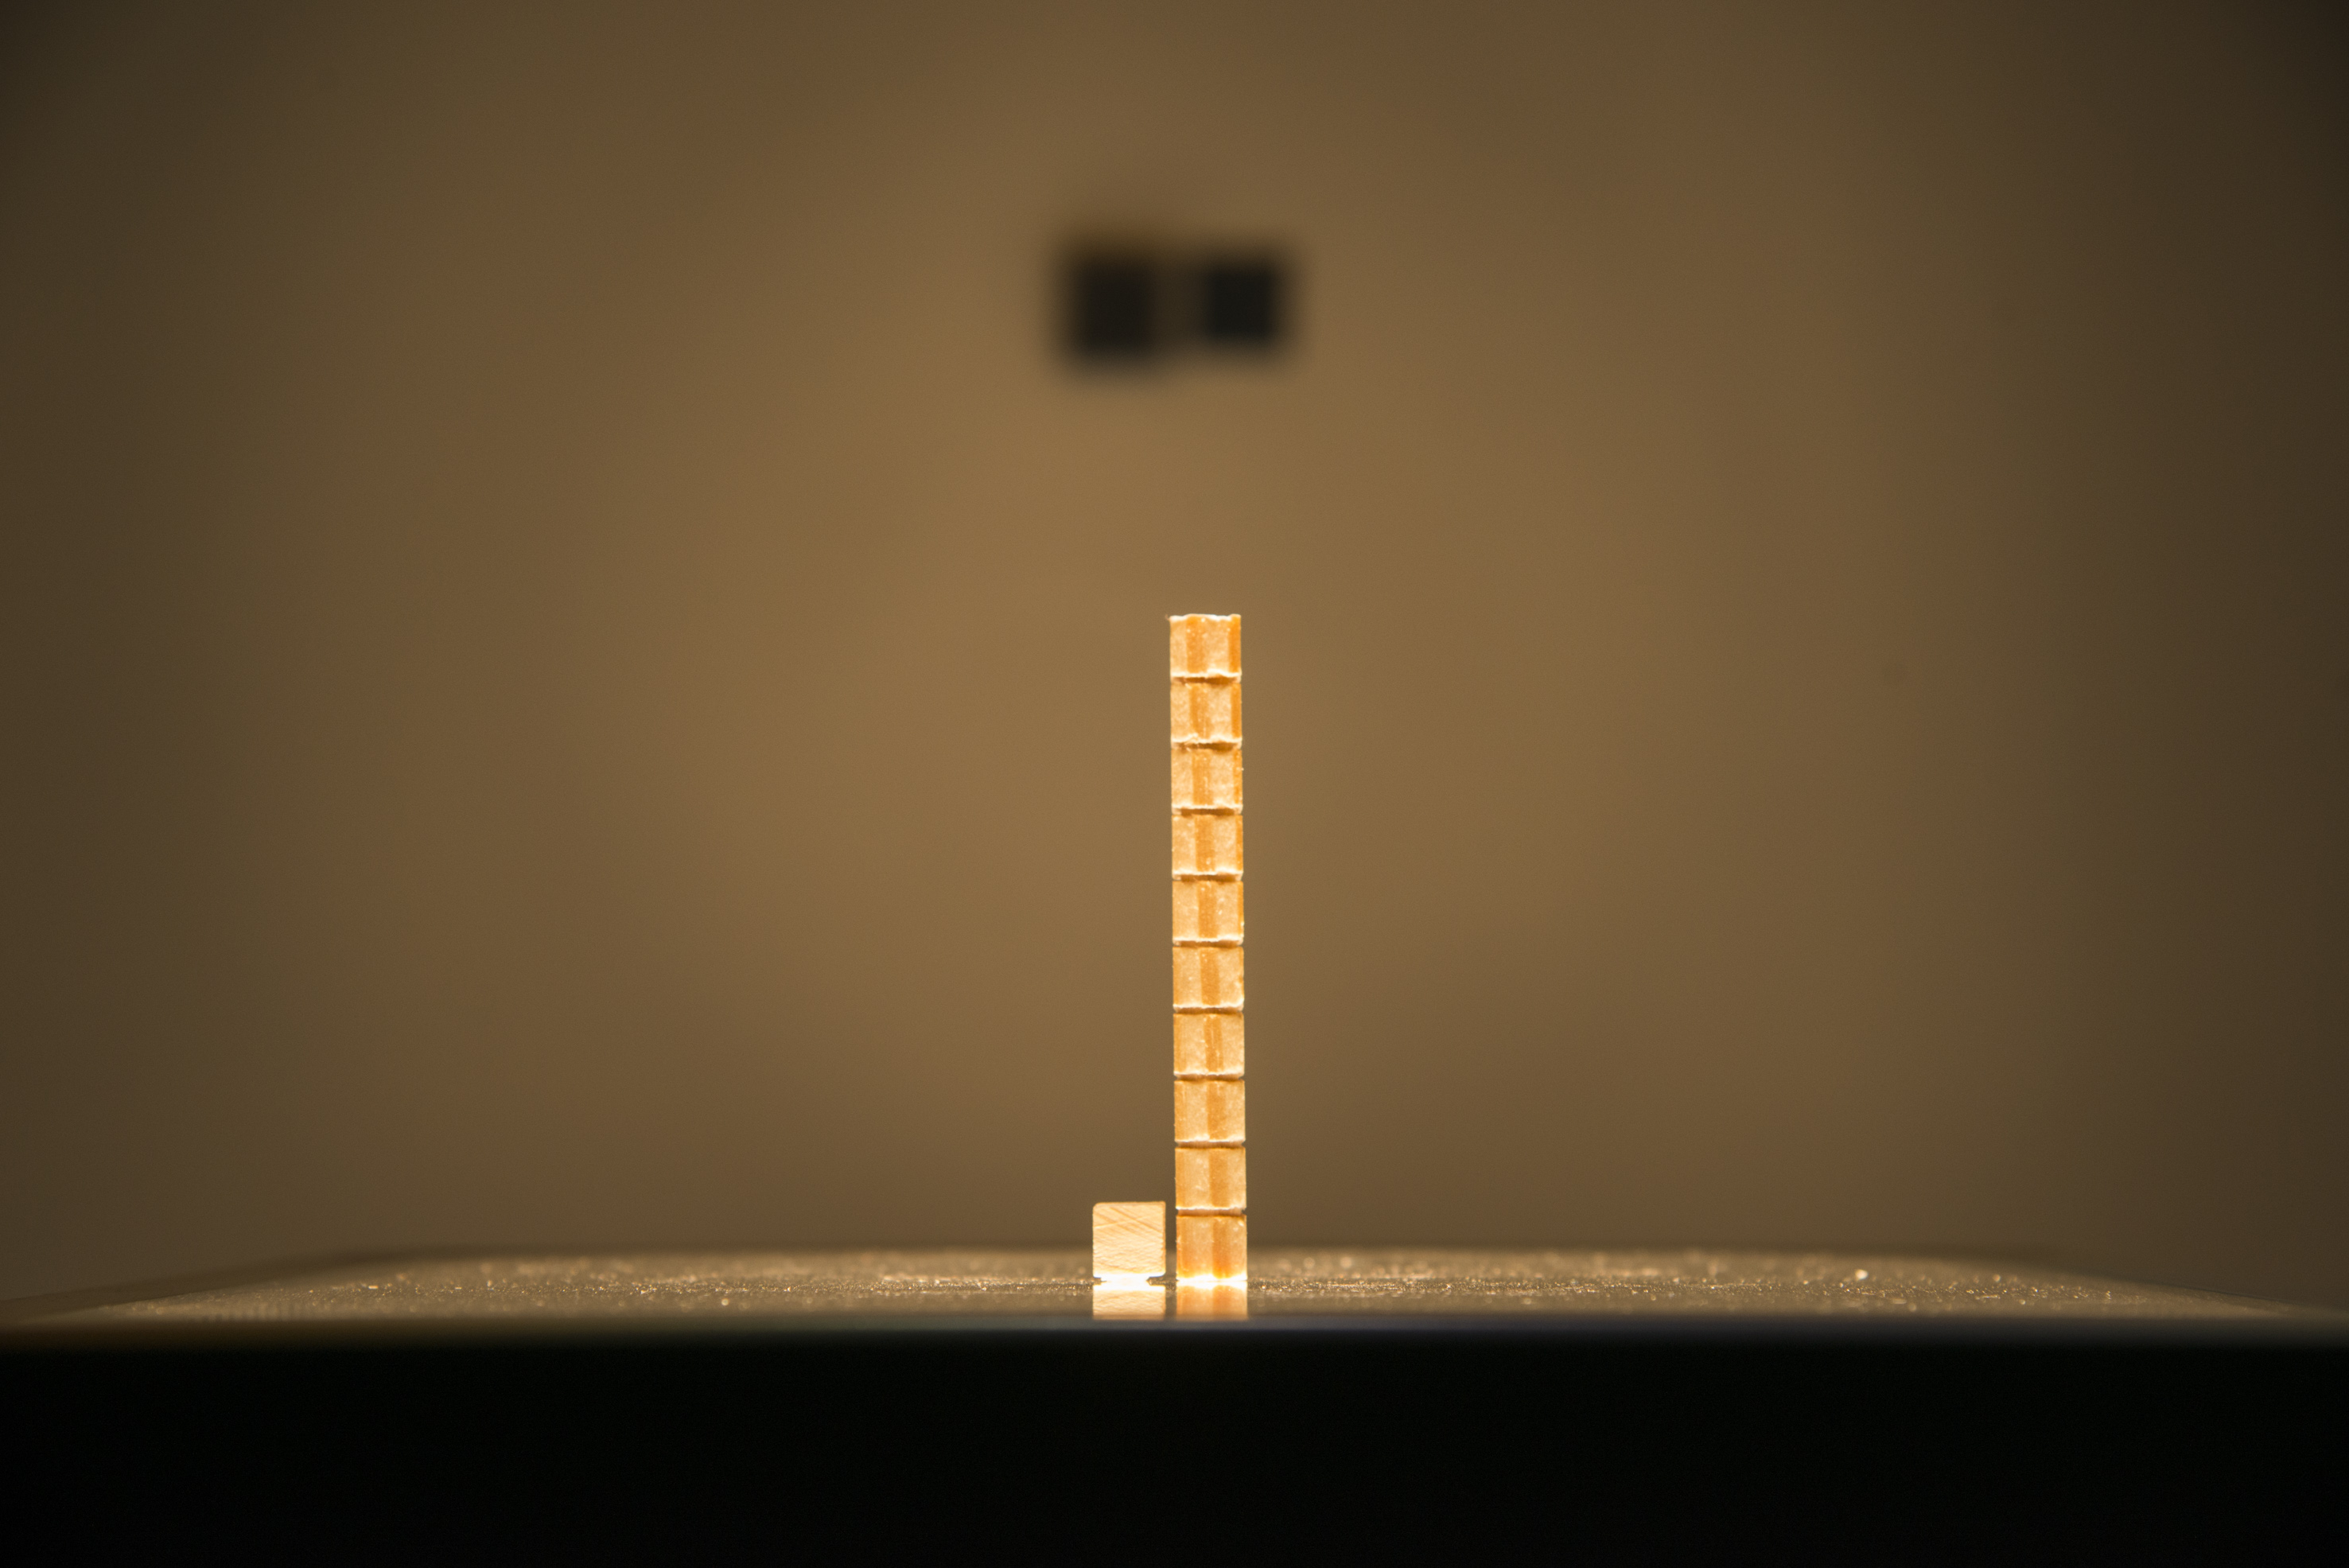 Vista da obra <i>Educação pela noite</i> (2020), de Clara Ianni, na exposição <i>Vento</i>. Foto de Levi Fanan / Fundação Bienal de São Paulo